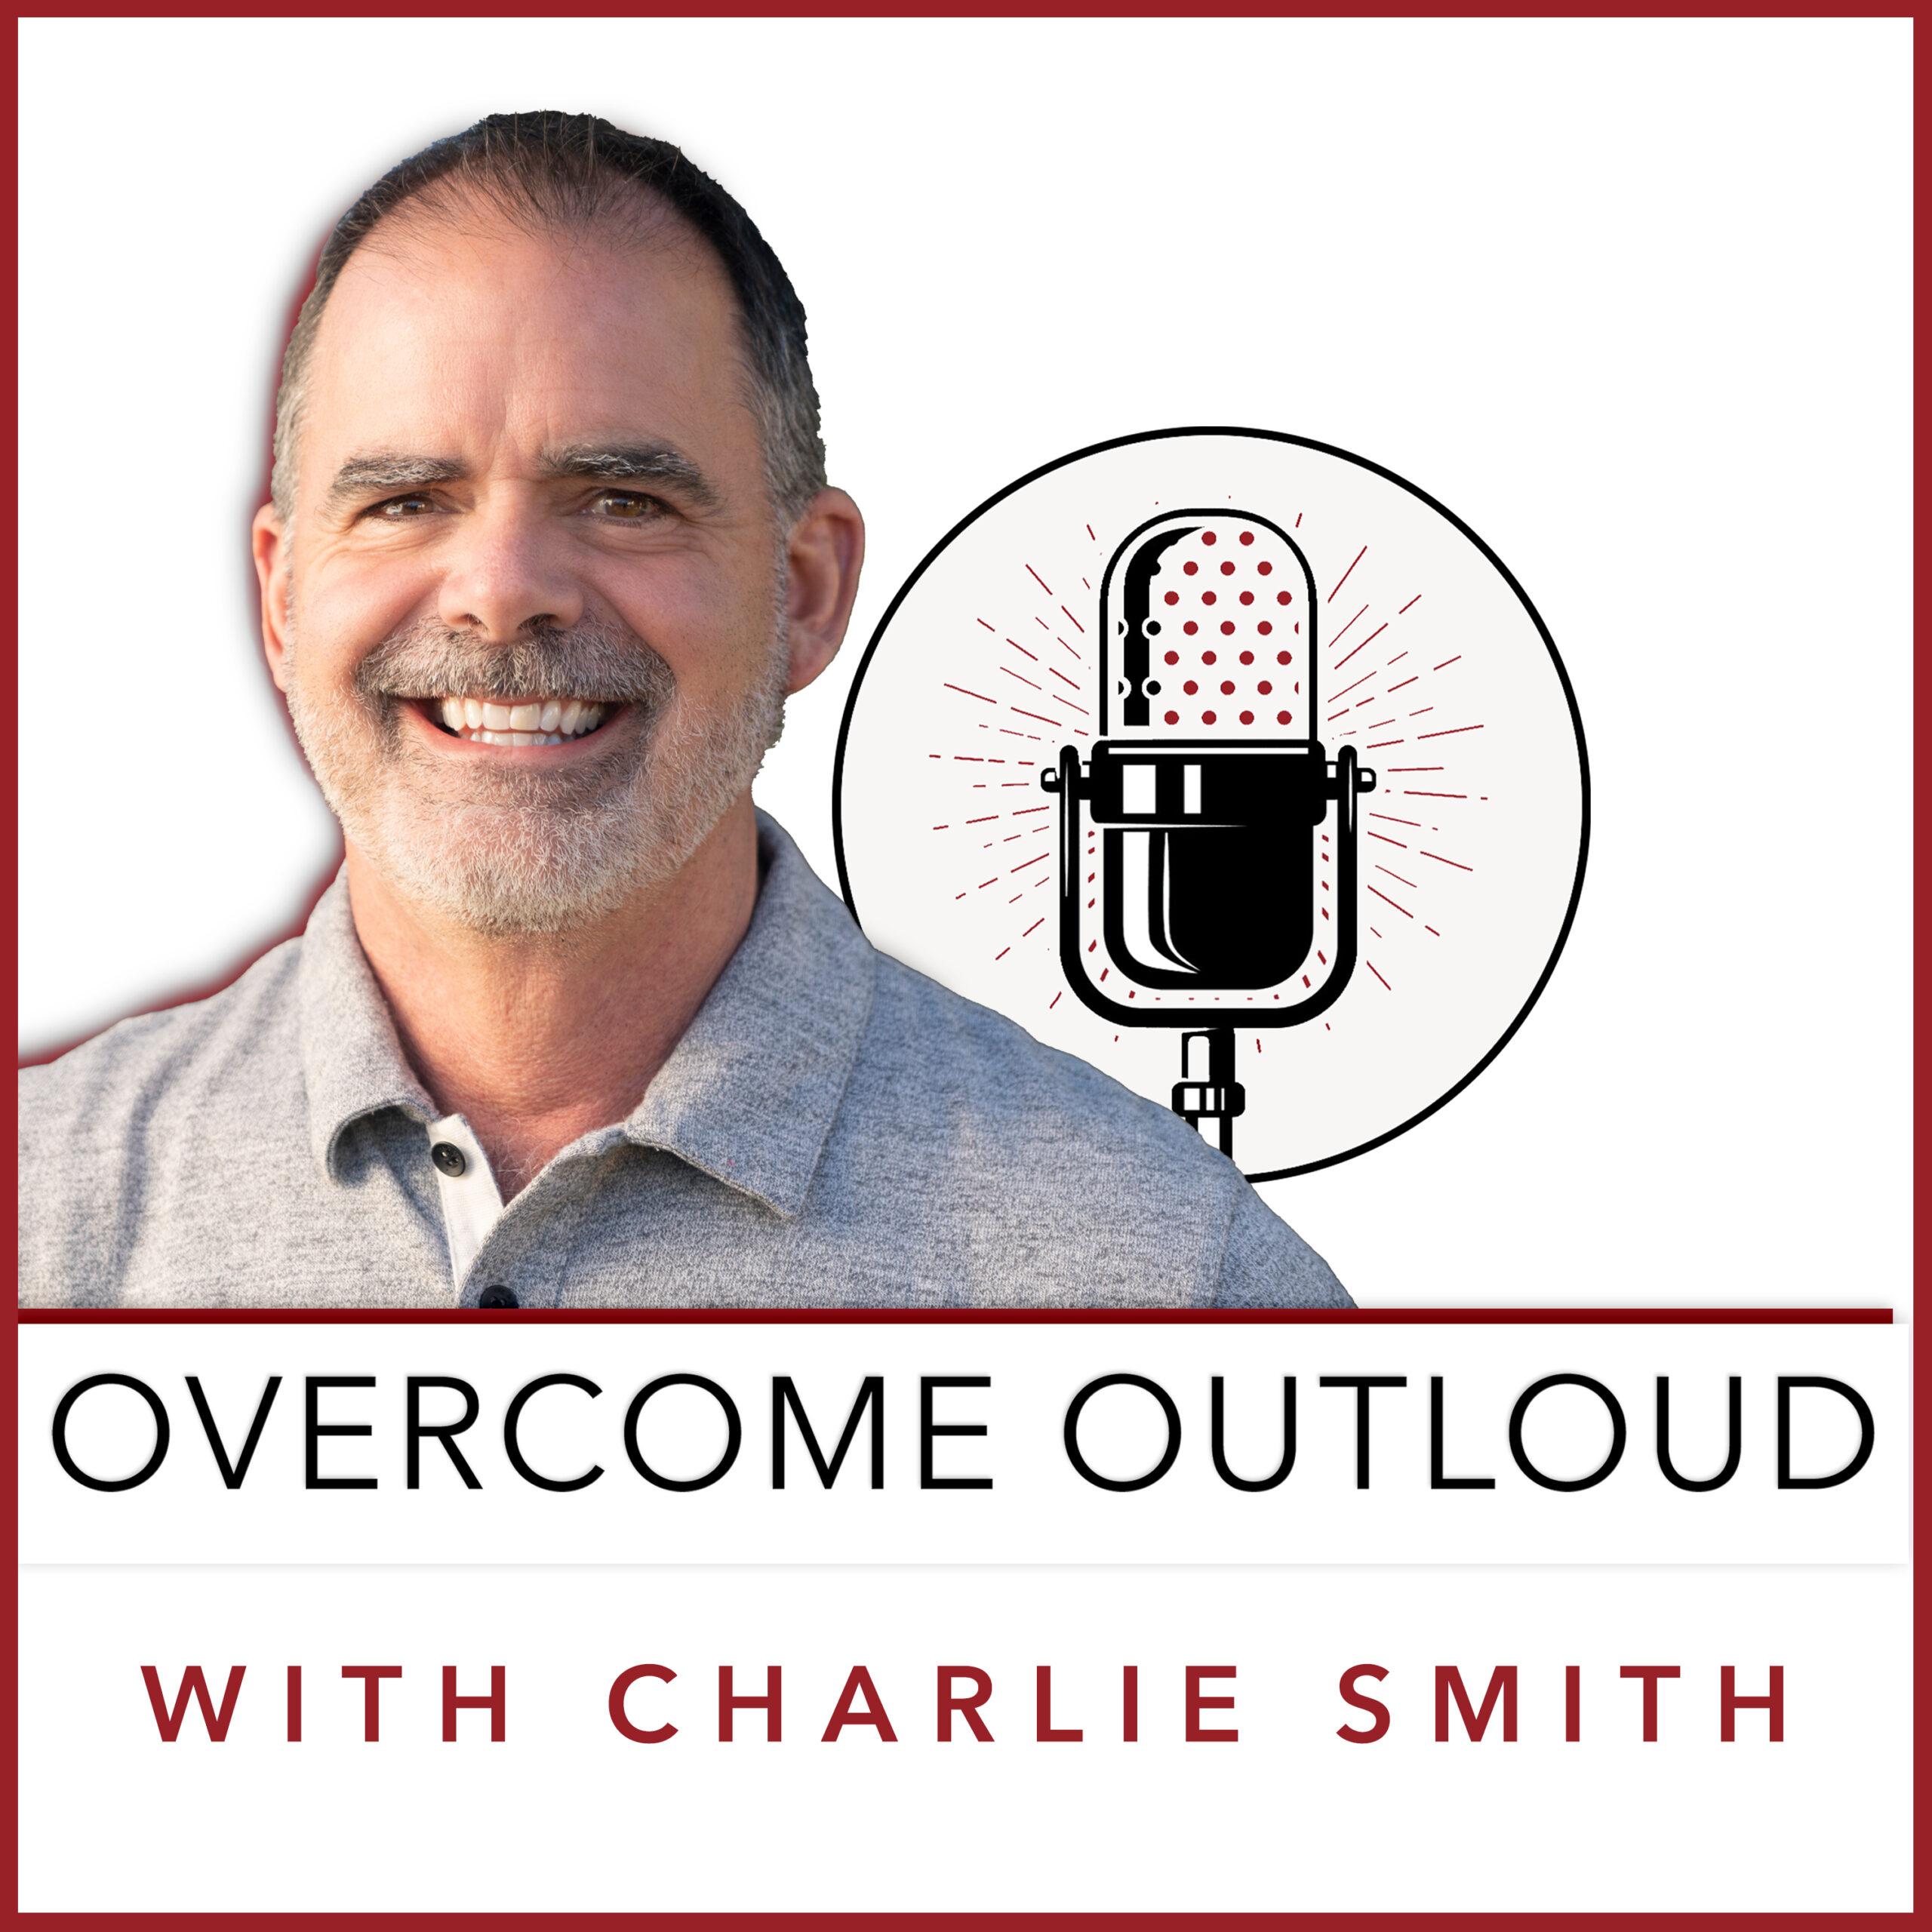 Overcome Outloud